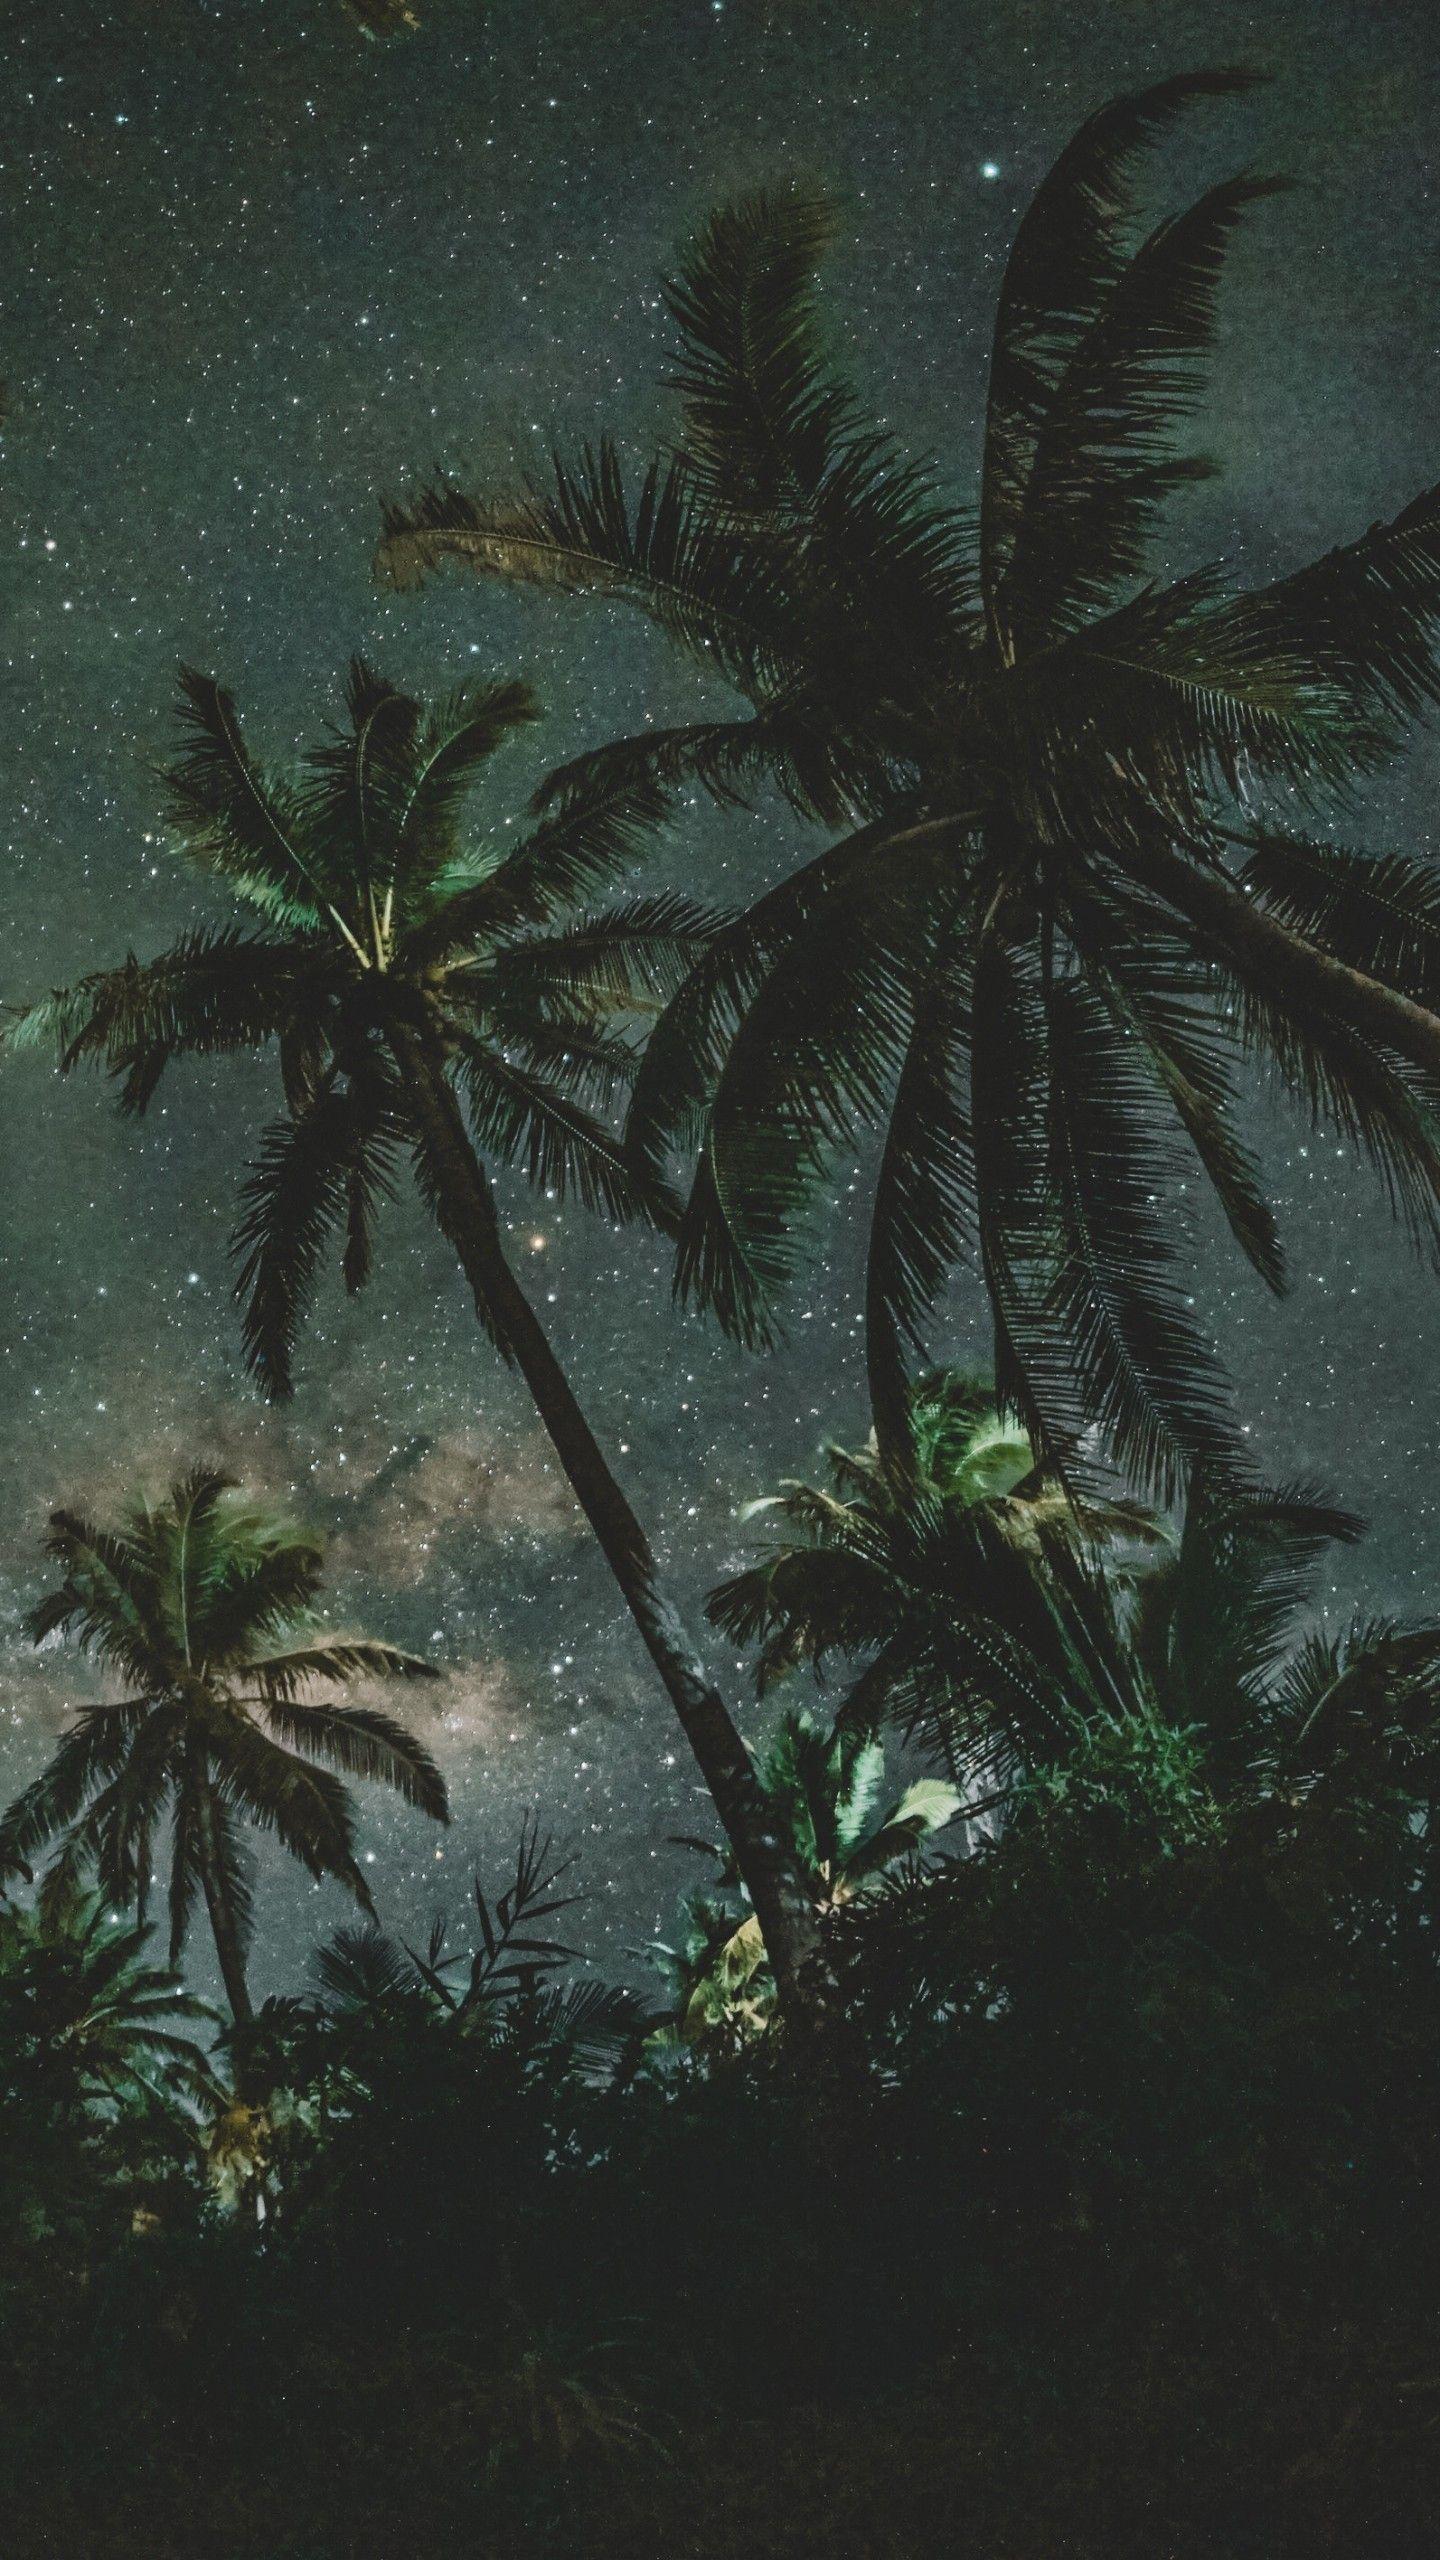 Palm Tree Wallpaper Night - HD Wallpaper